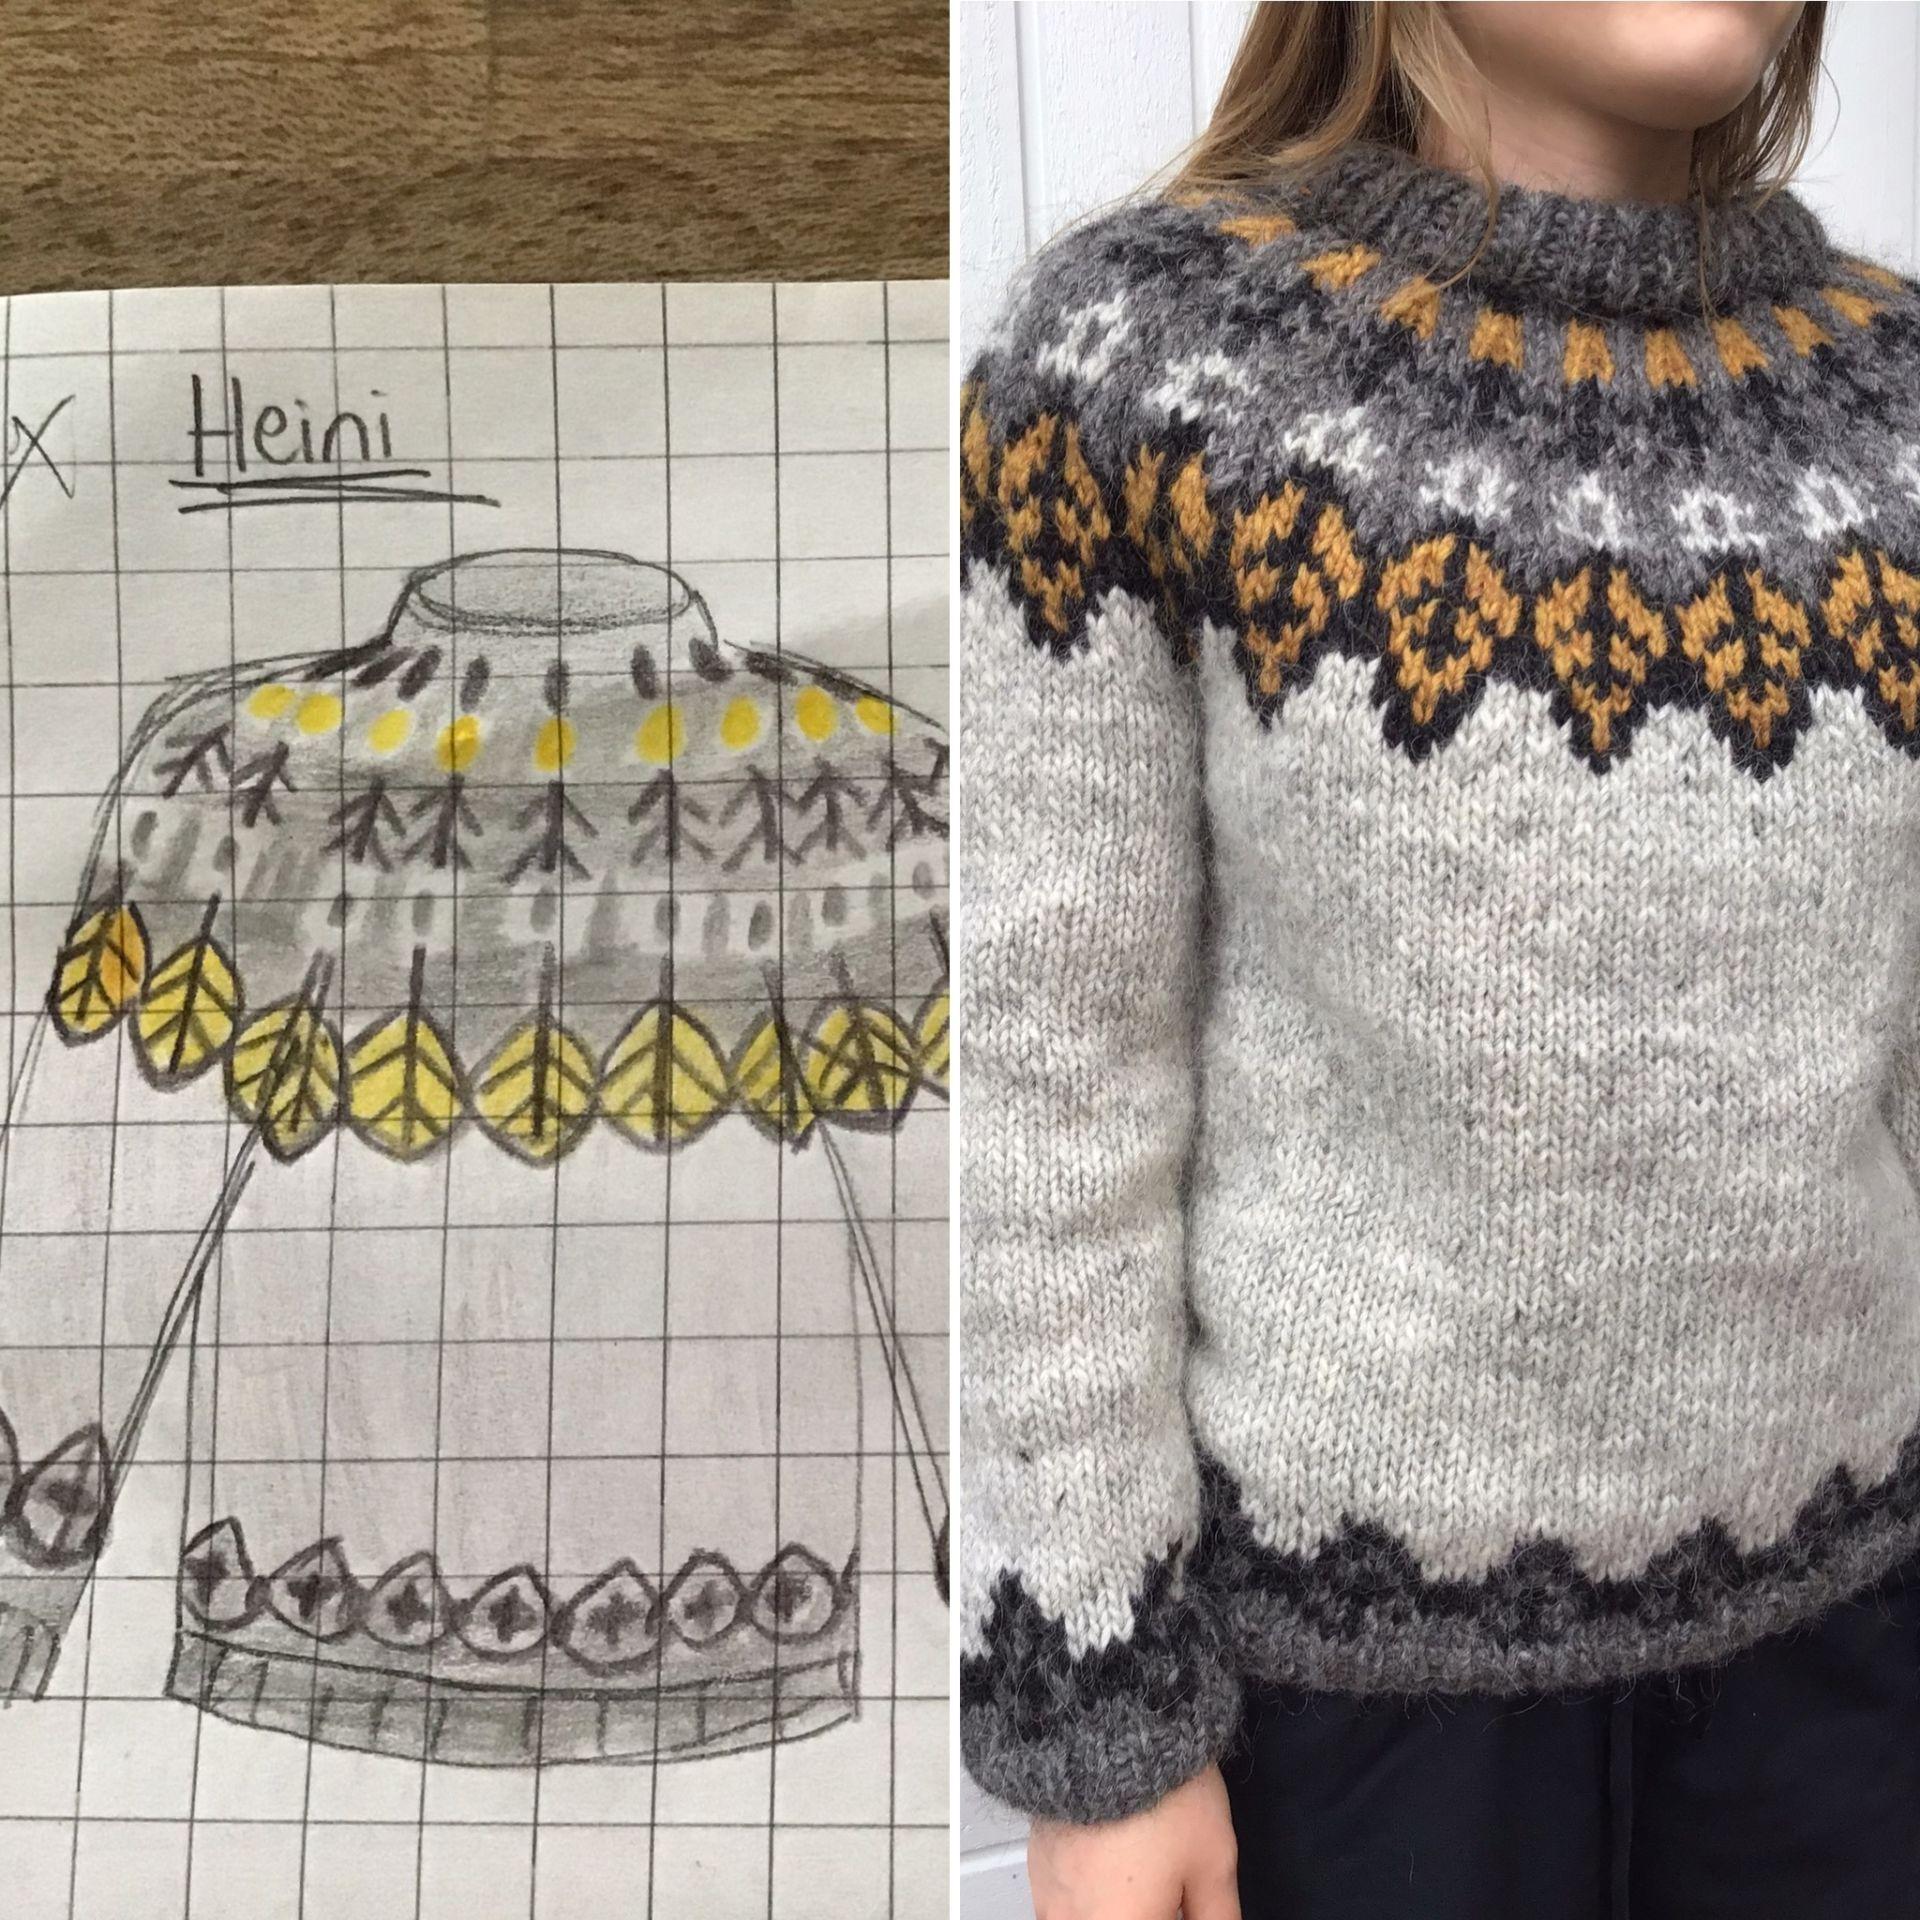 islantilaiset kaarrokeneuleet - kaarrokepaidan suunnittelu